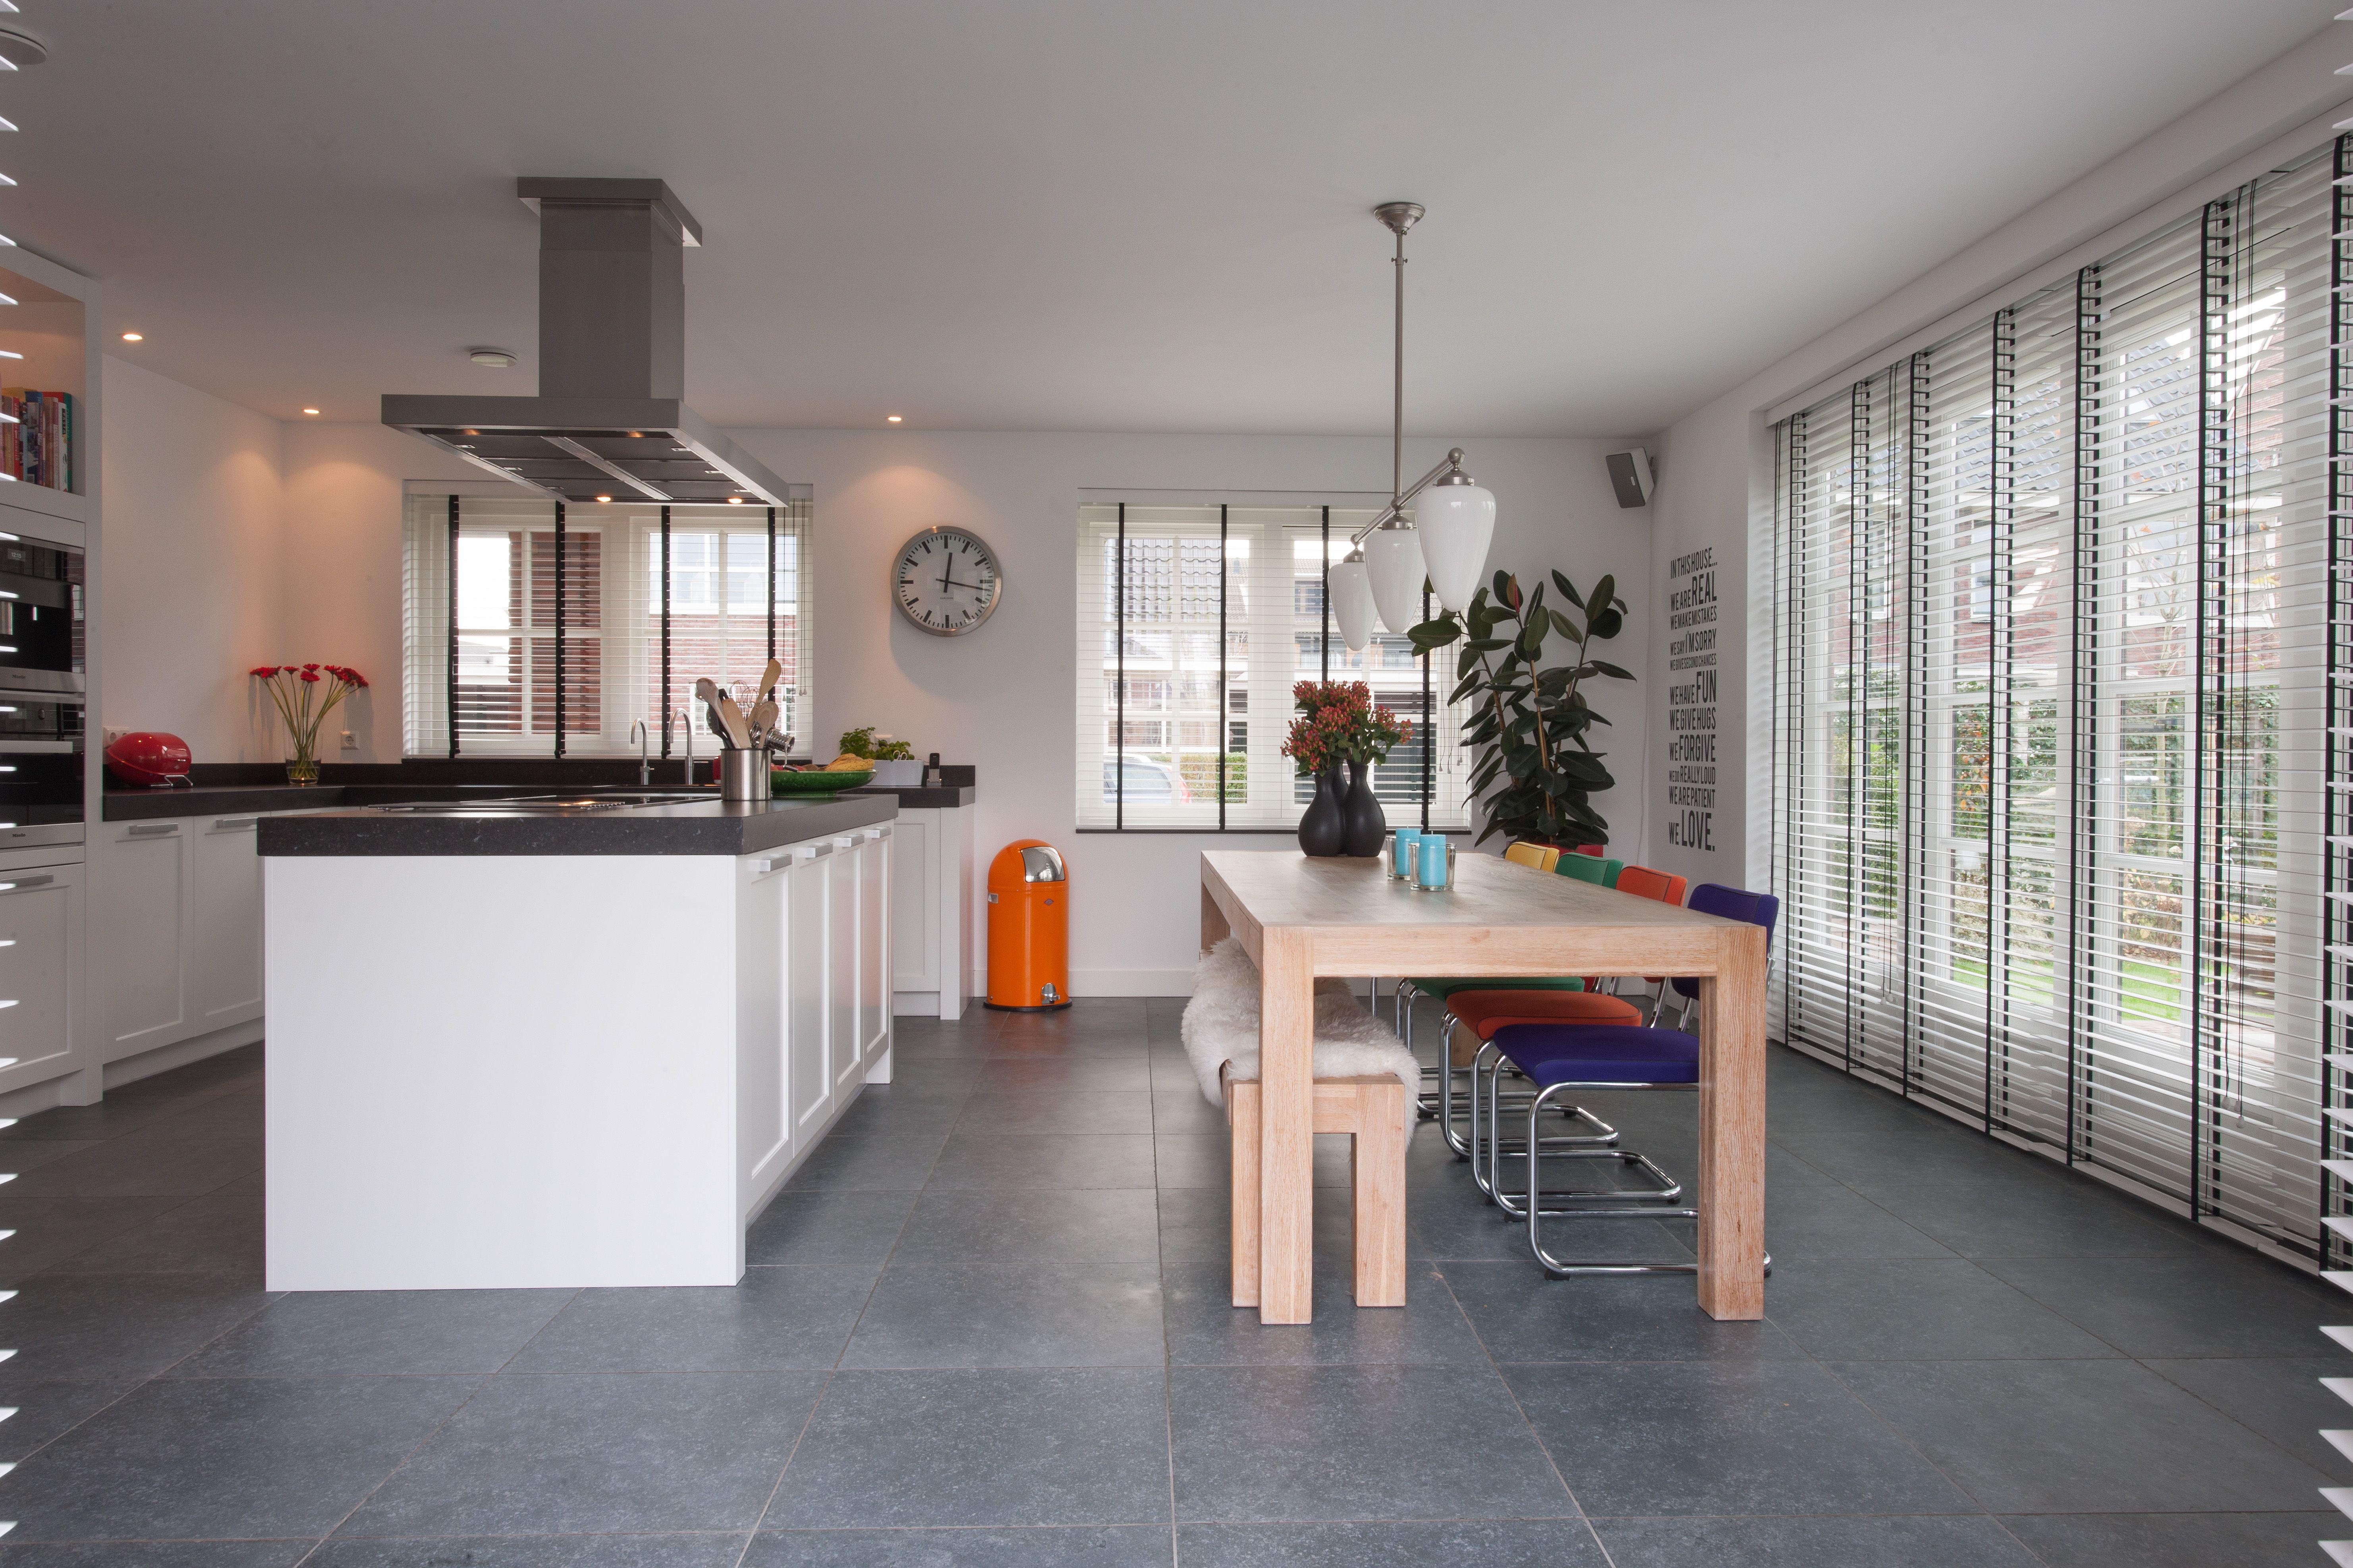 Keuken wonen architect atelier modern interieur lifestyle